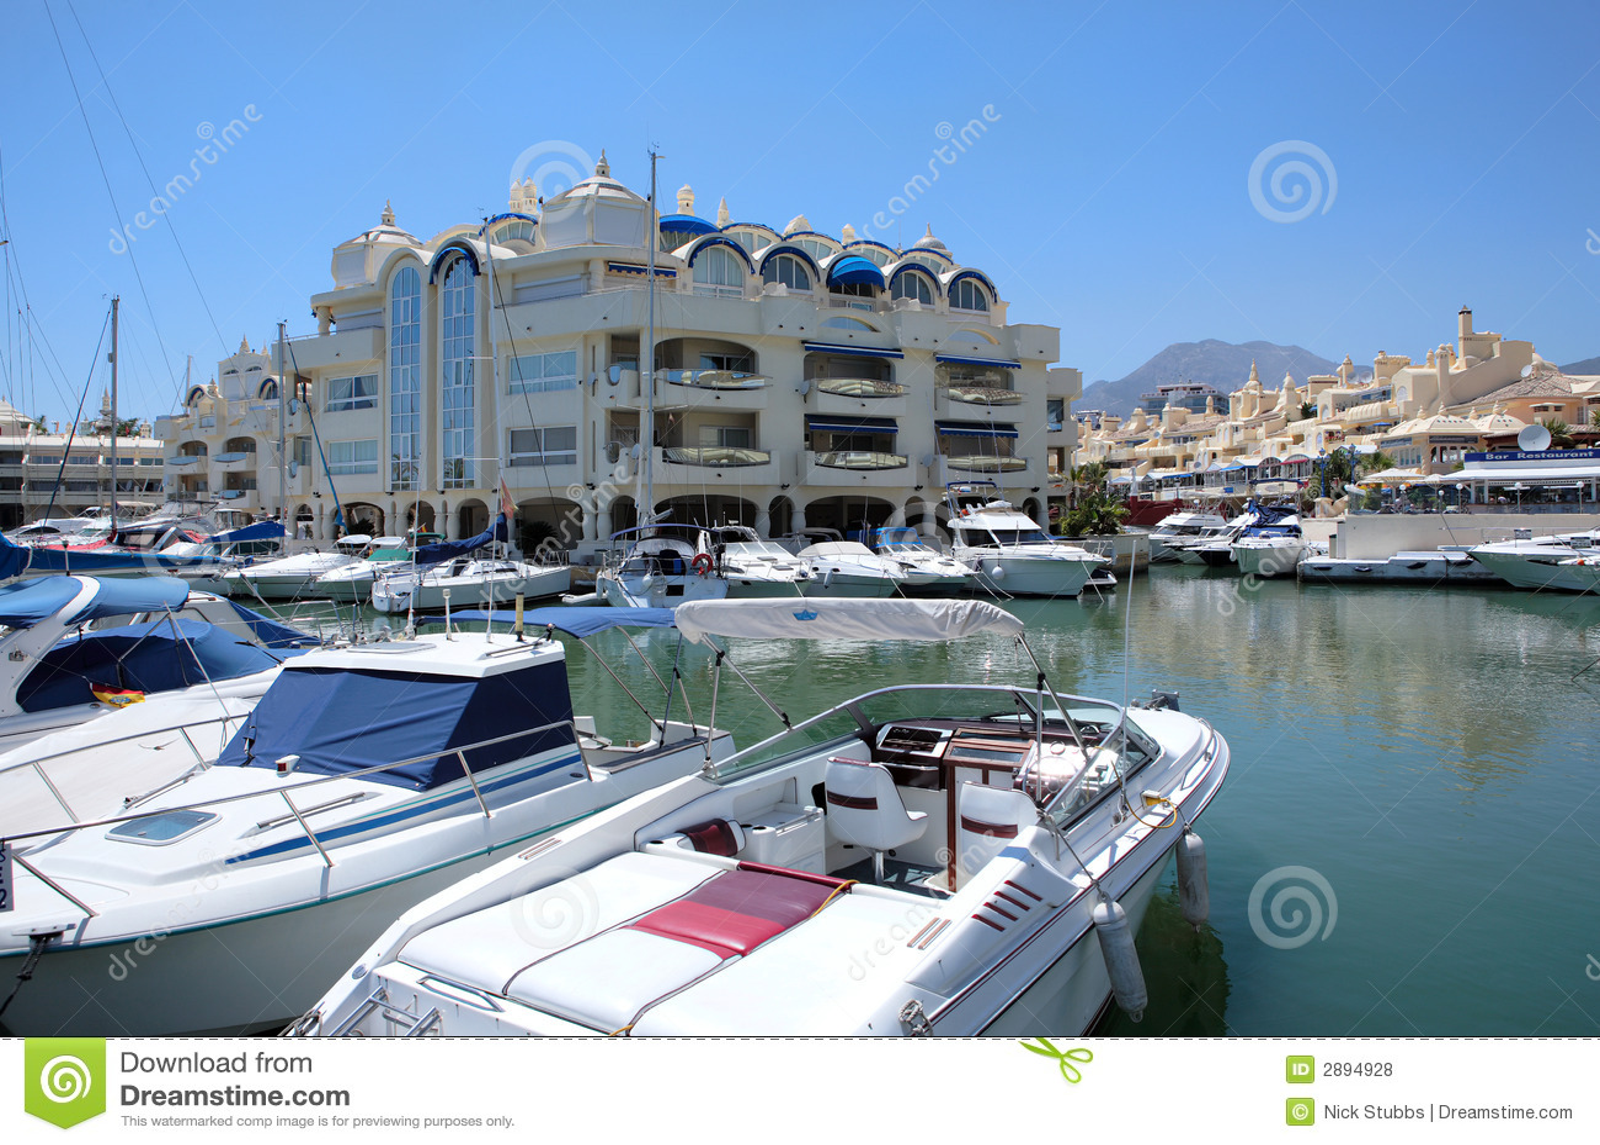 Boats and Yachts Benalmadena